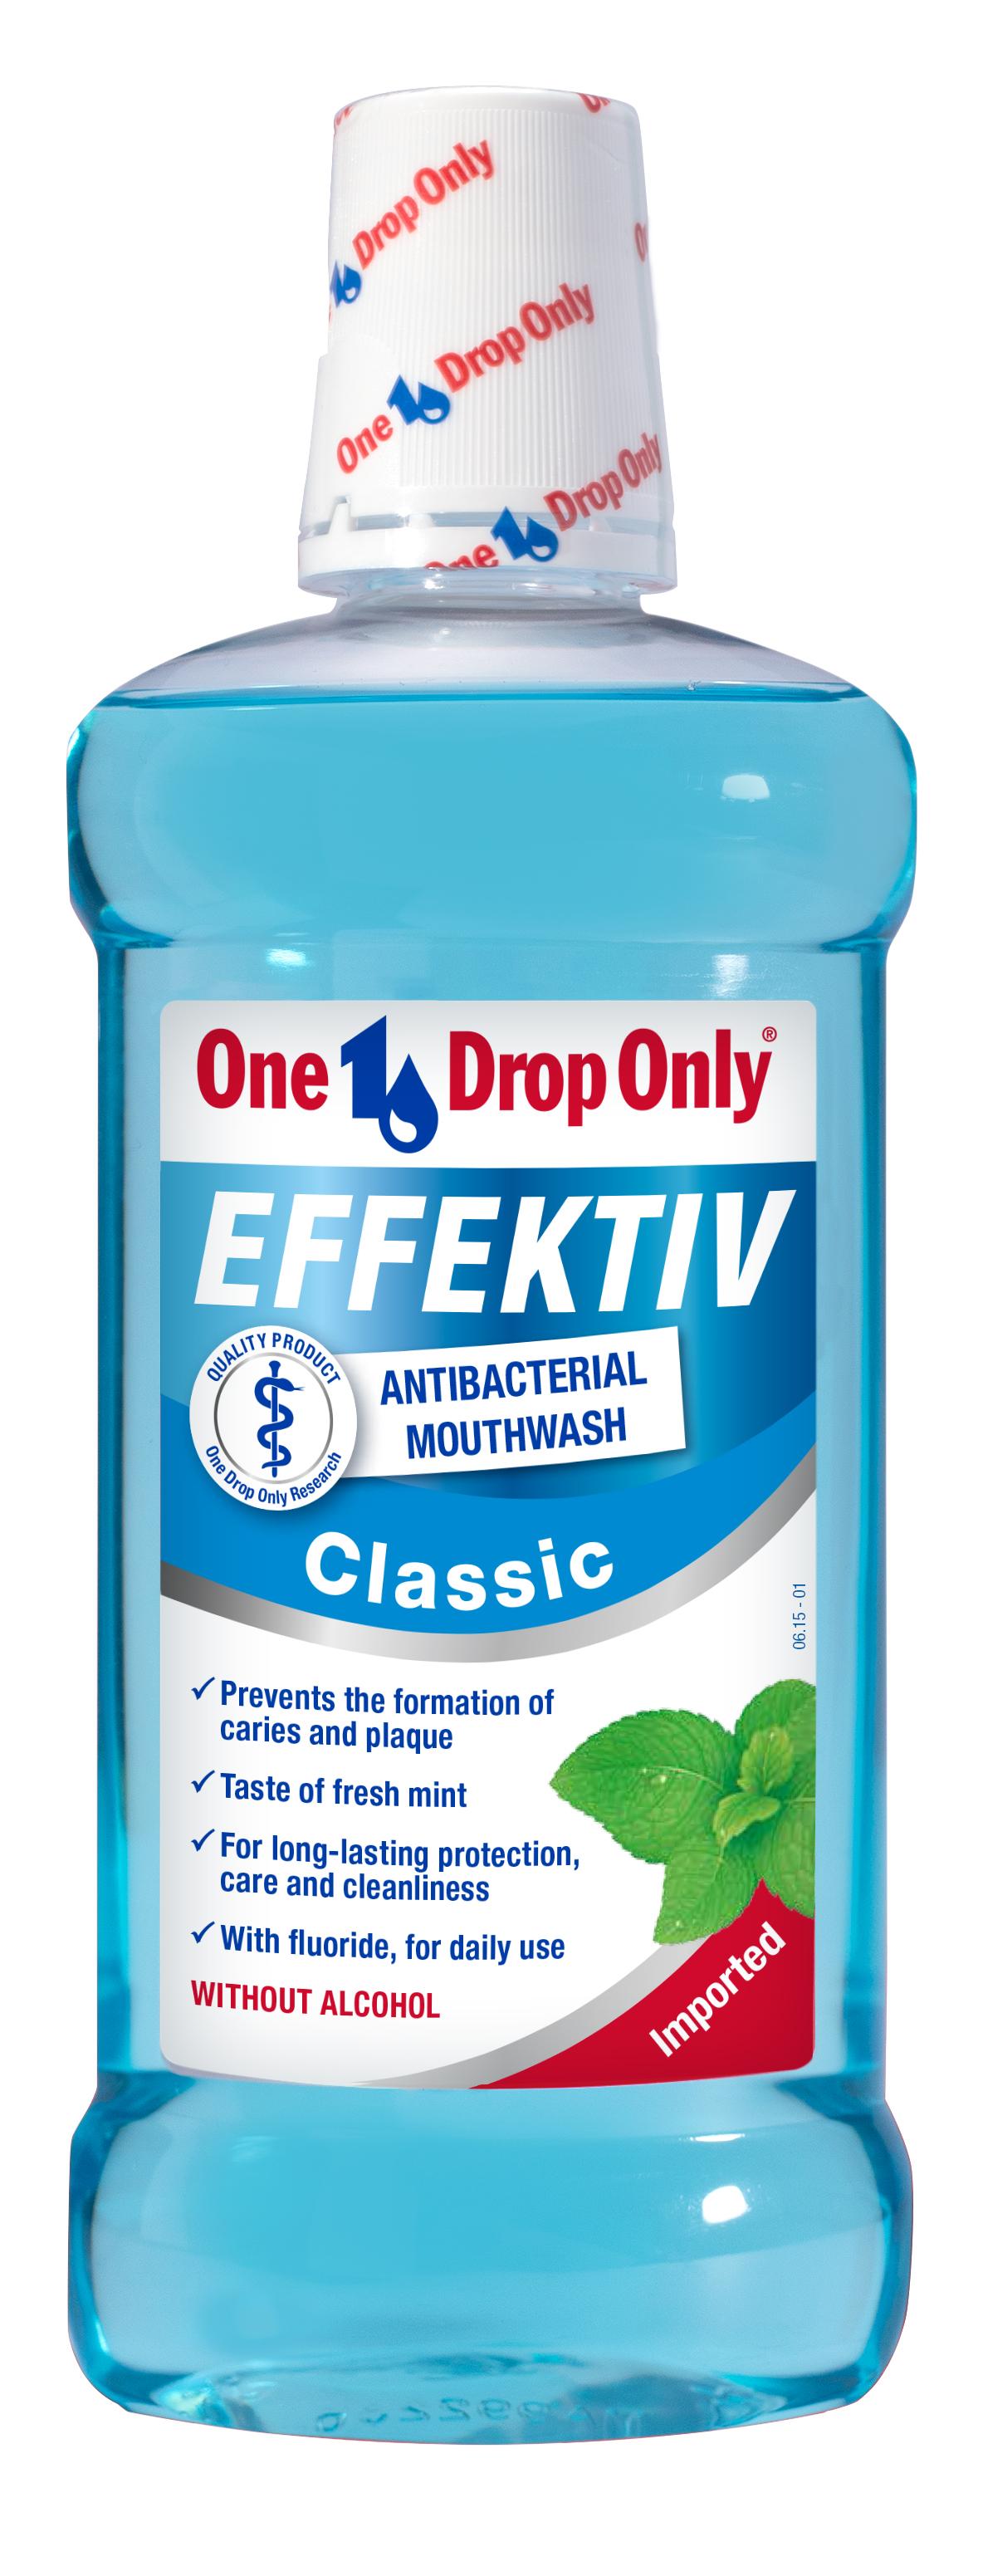 One Drop Only Effektiv Classic Антибактериальный ополаскиватель полости рта, 500 мл